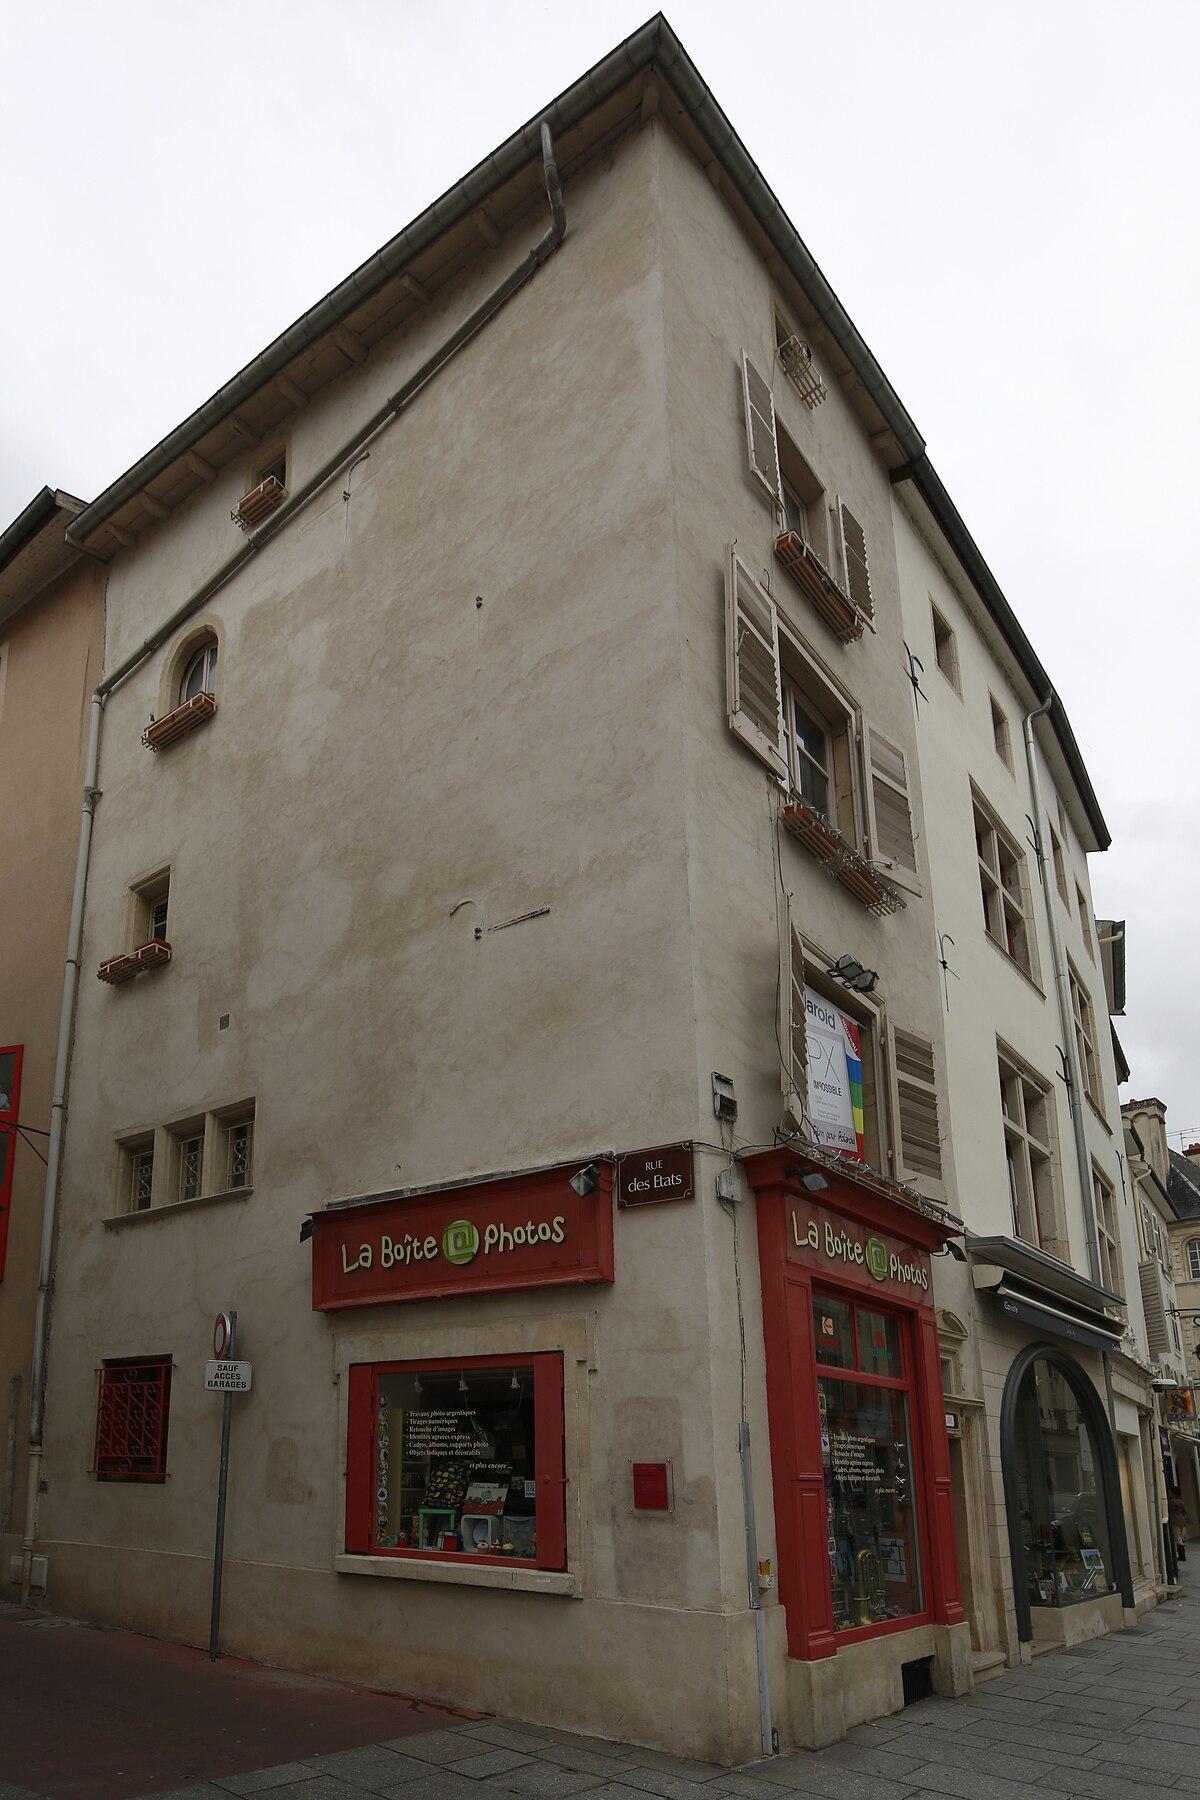 Rue des tats nancy wikip dia for Rue catherine opalinska nancy